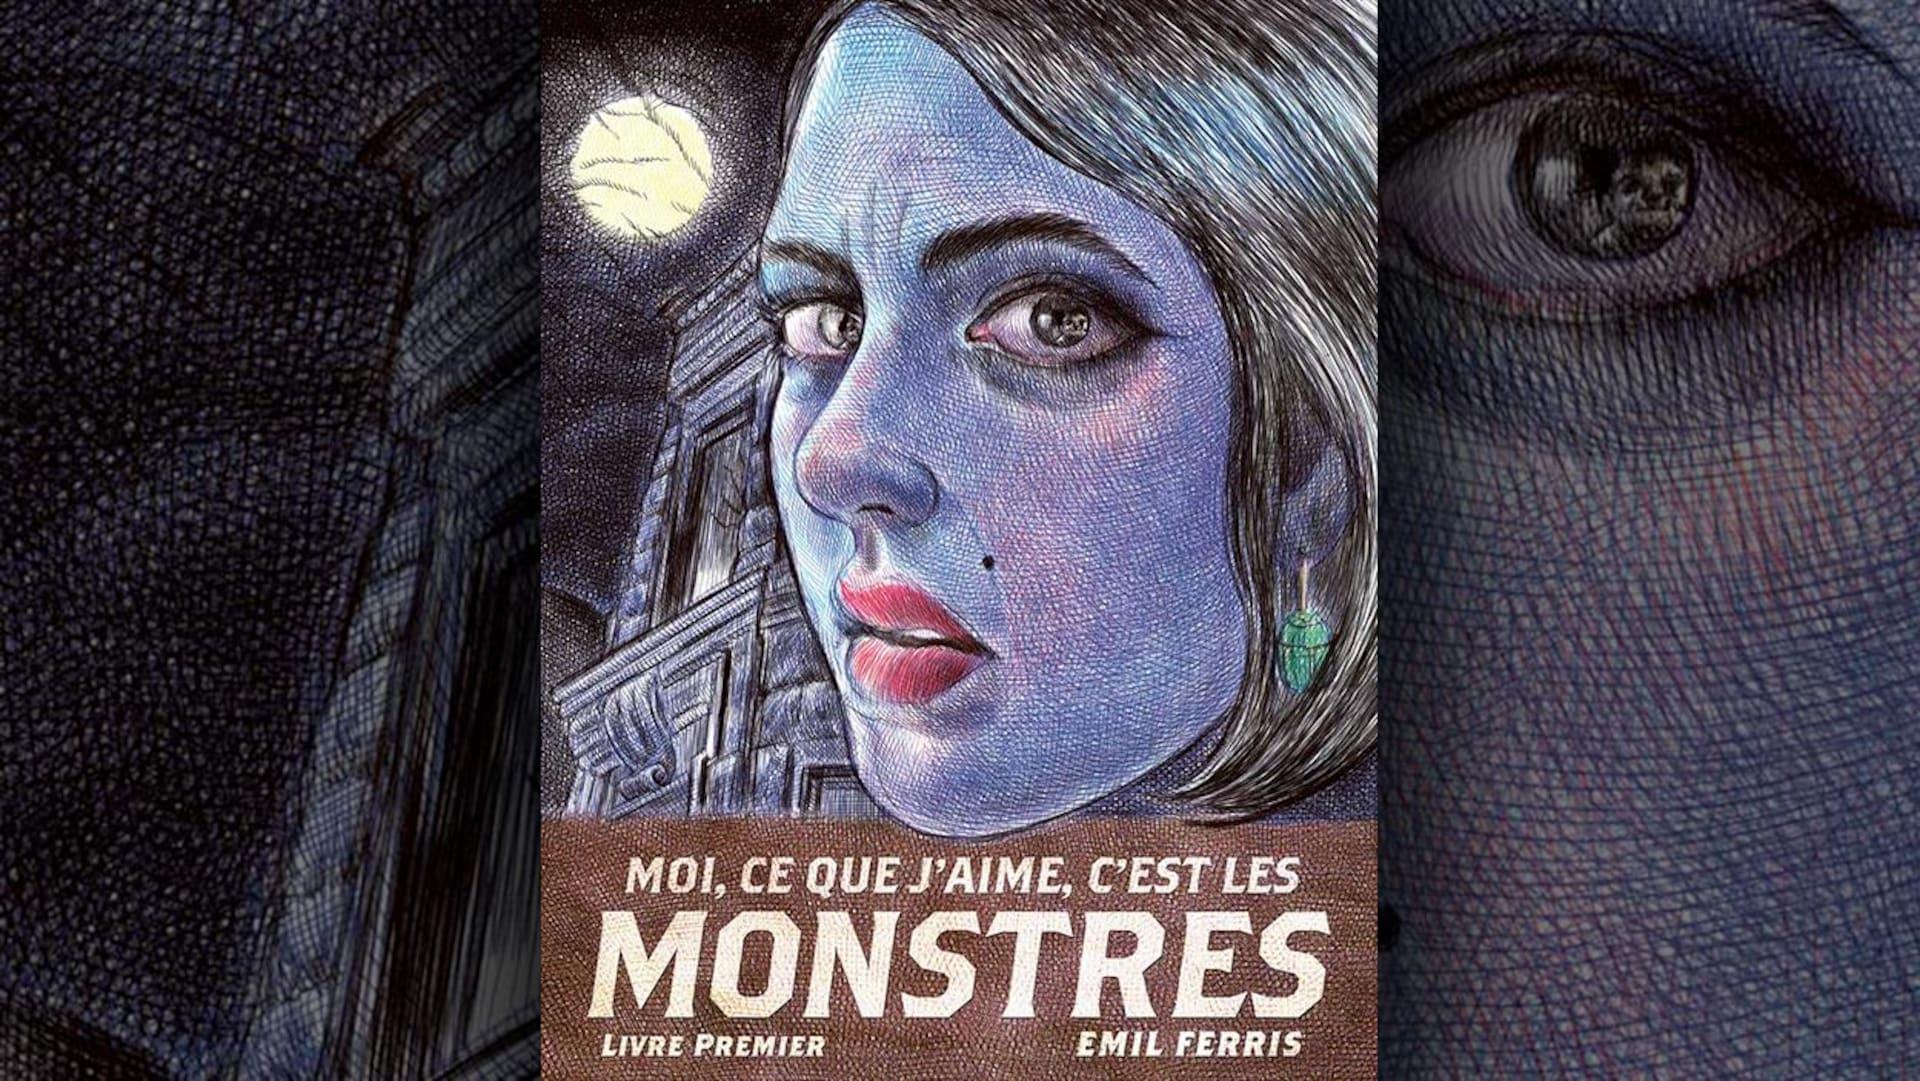 La couverture du livre représente le visage d'une femme à la peau bleutée, de trois quarts, avec des lèvres rouges et une boucle d'oreille verte, et en arrière-plan un bâtiment en pierre et la pleine lune.